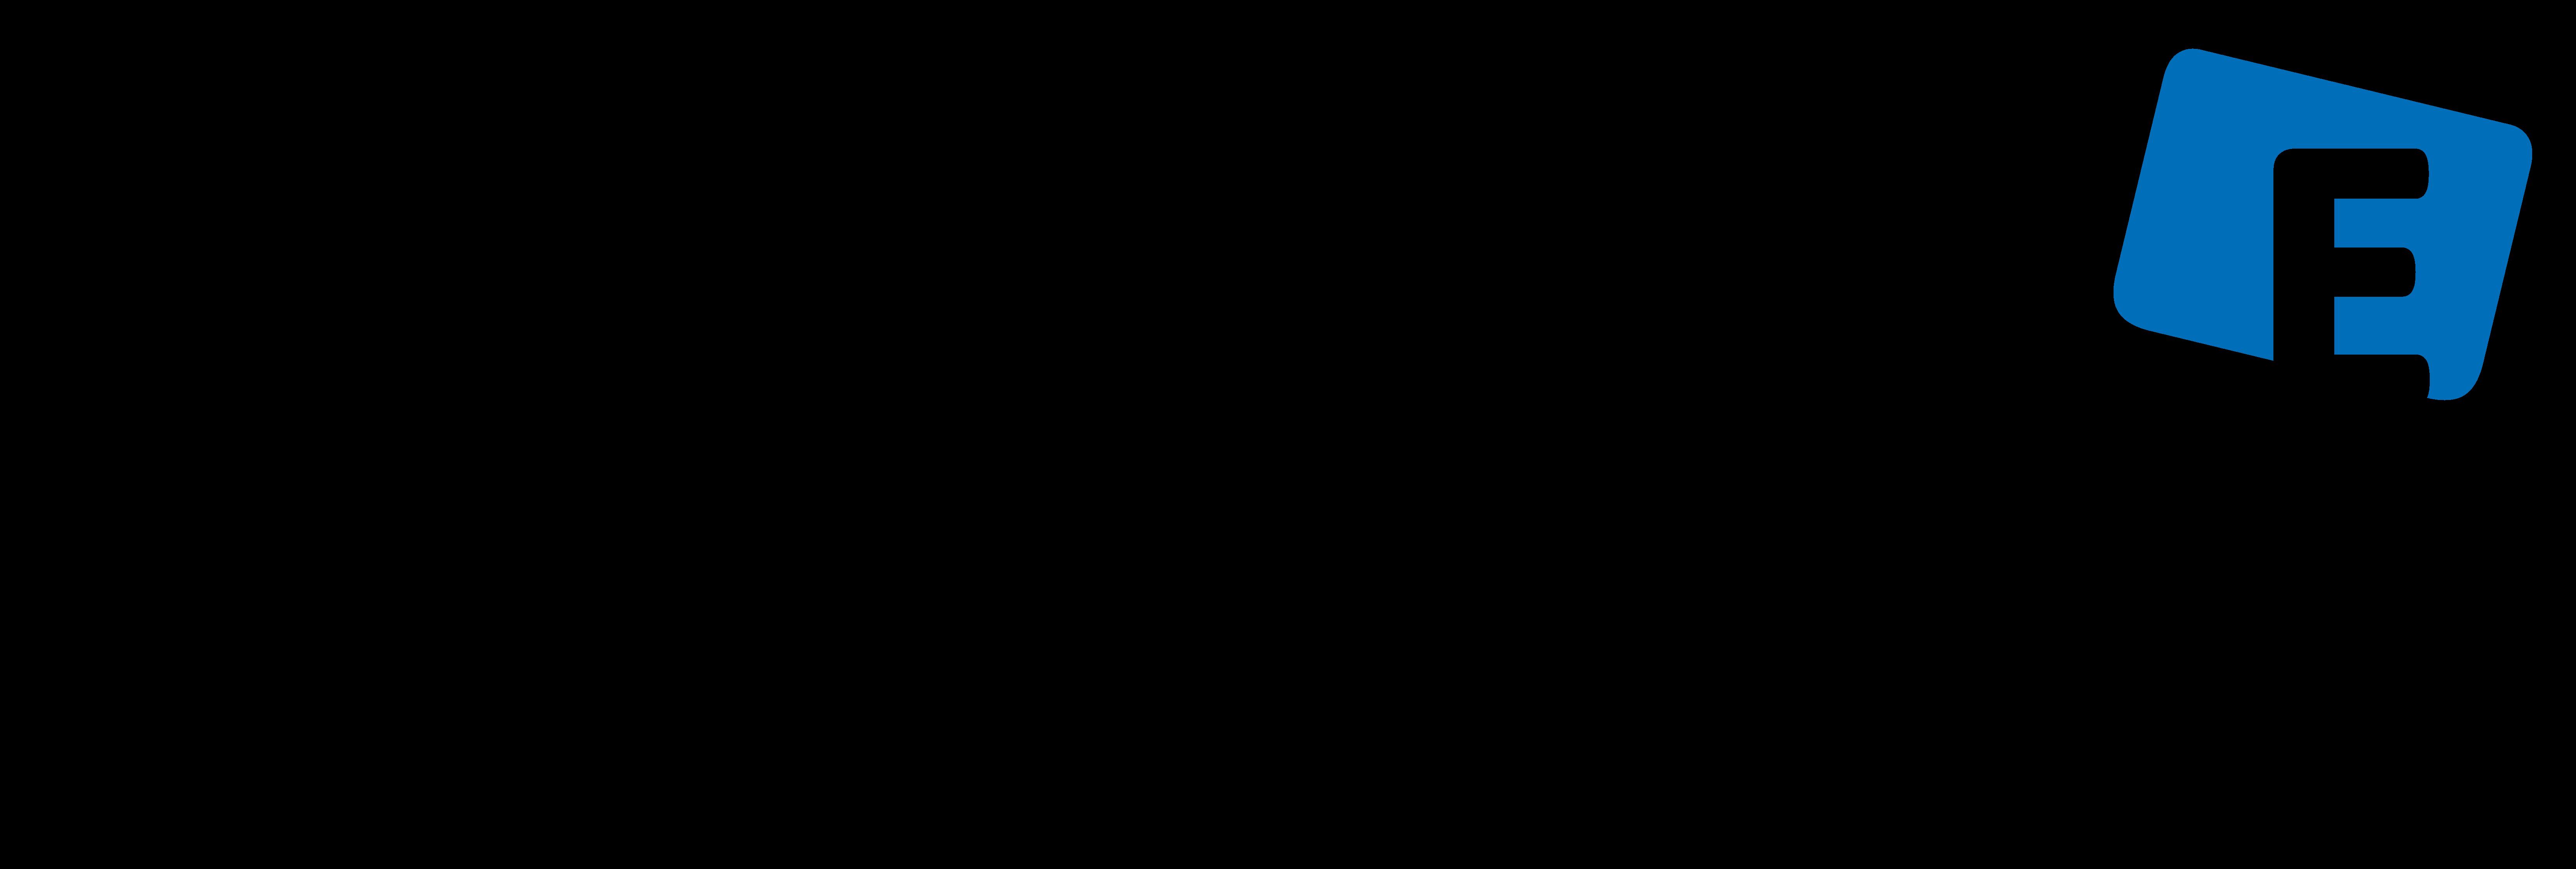 Elysator